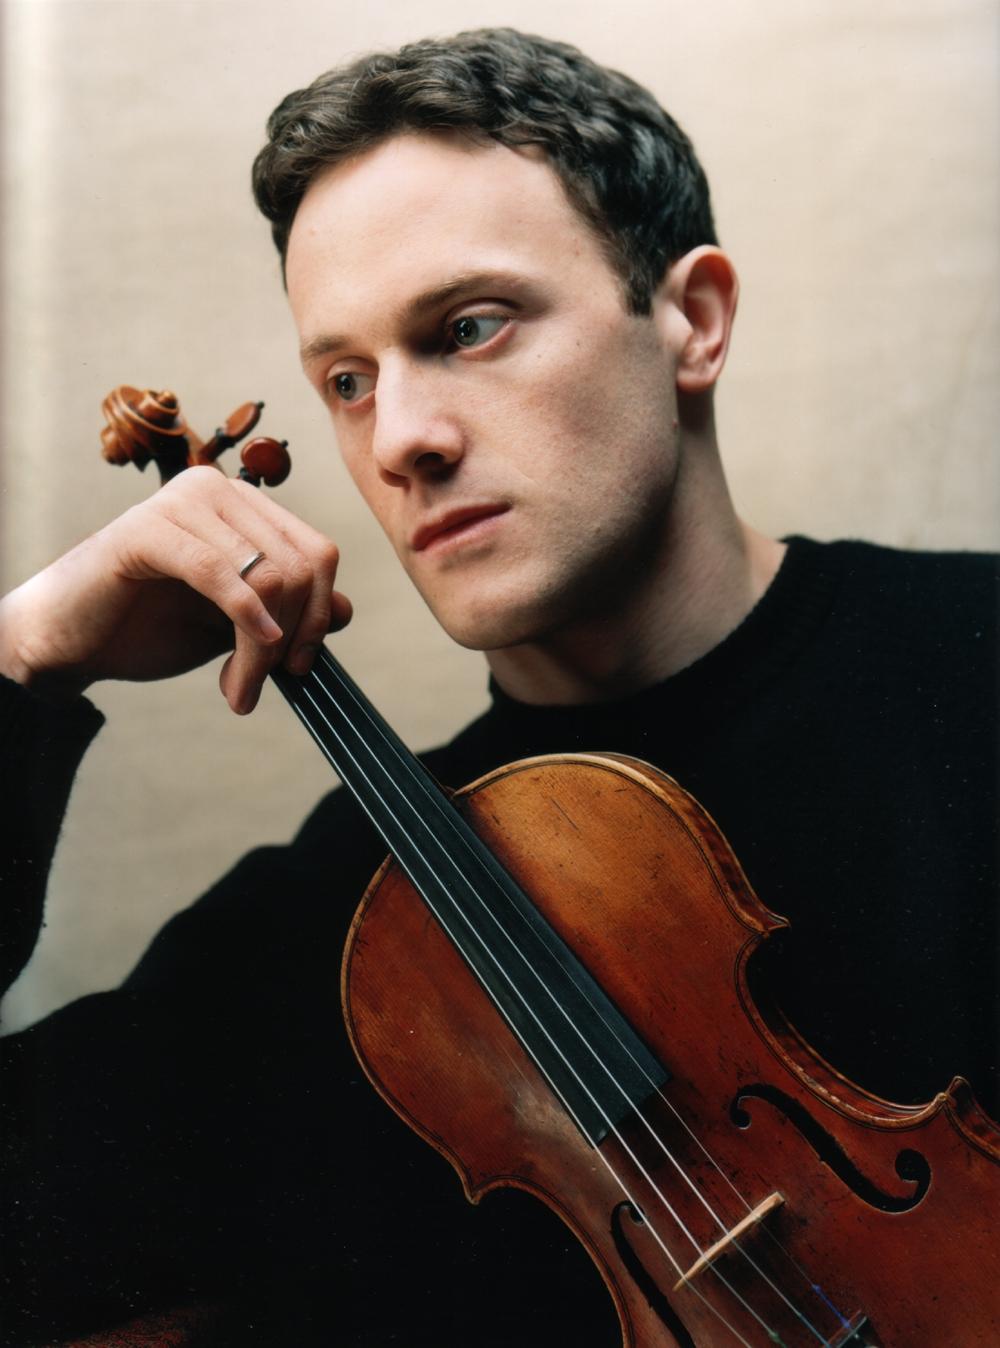 Matthew Trusler